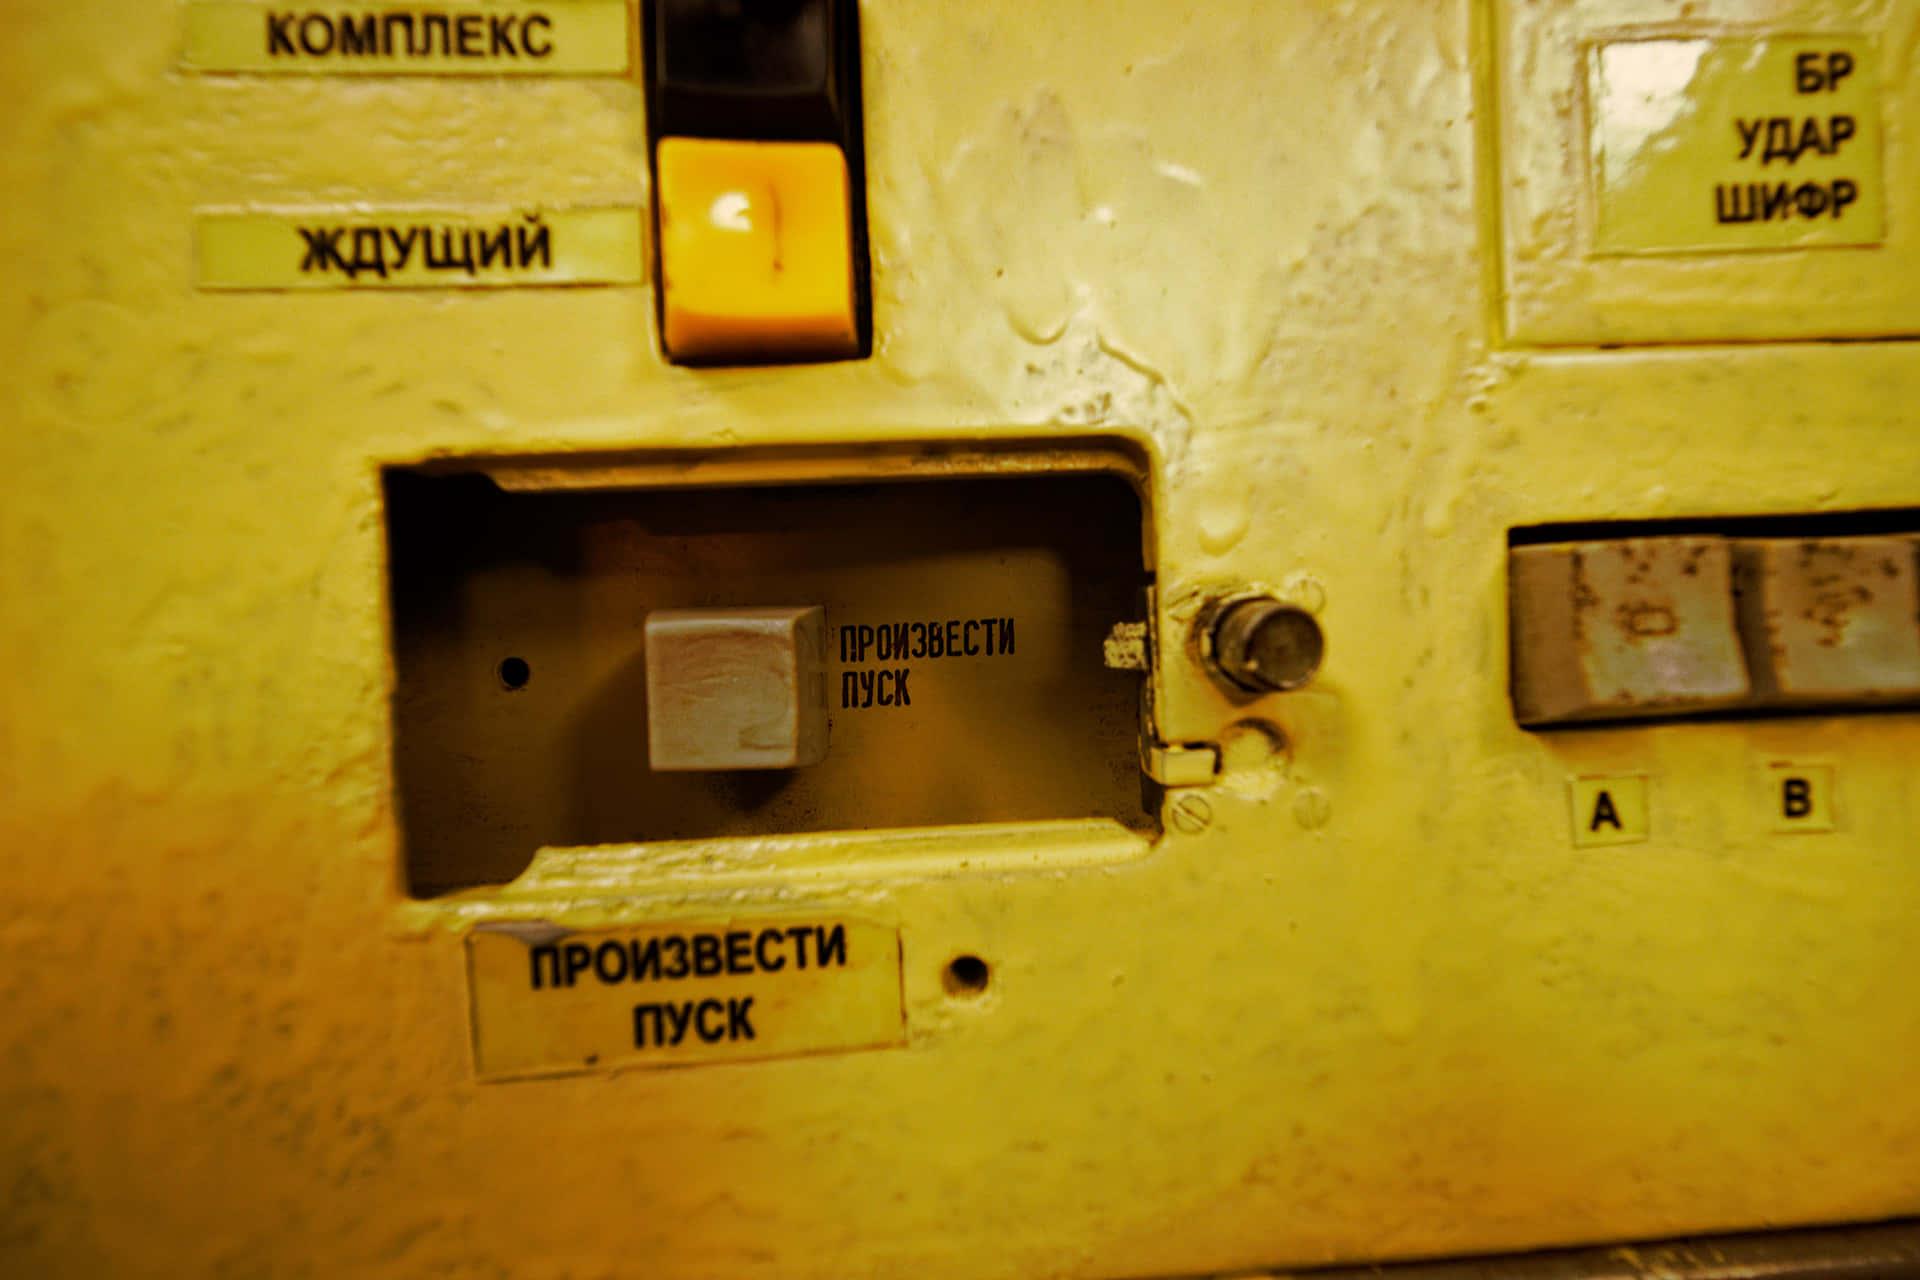 Та самая кнопка, после нажатия которой ракеты поднимались в воздух